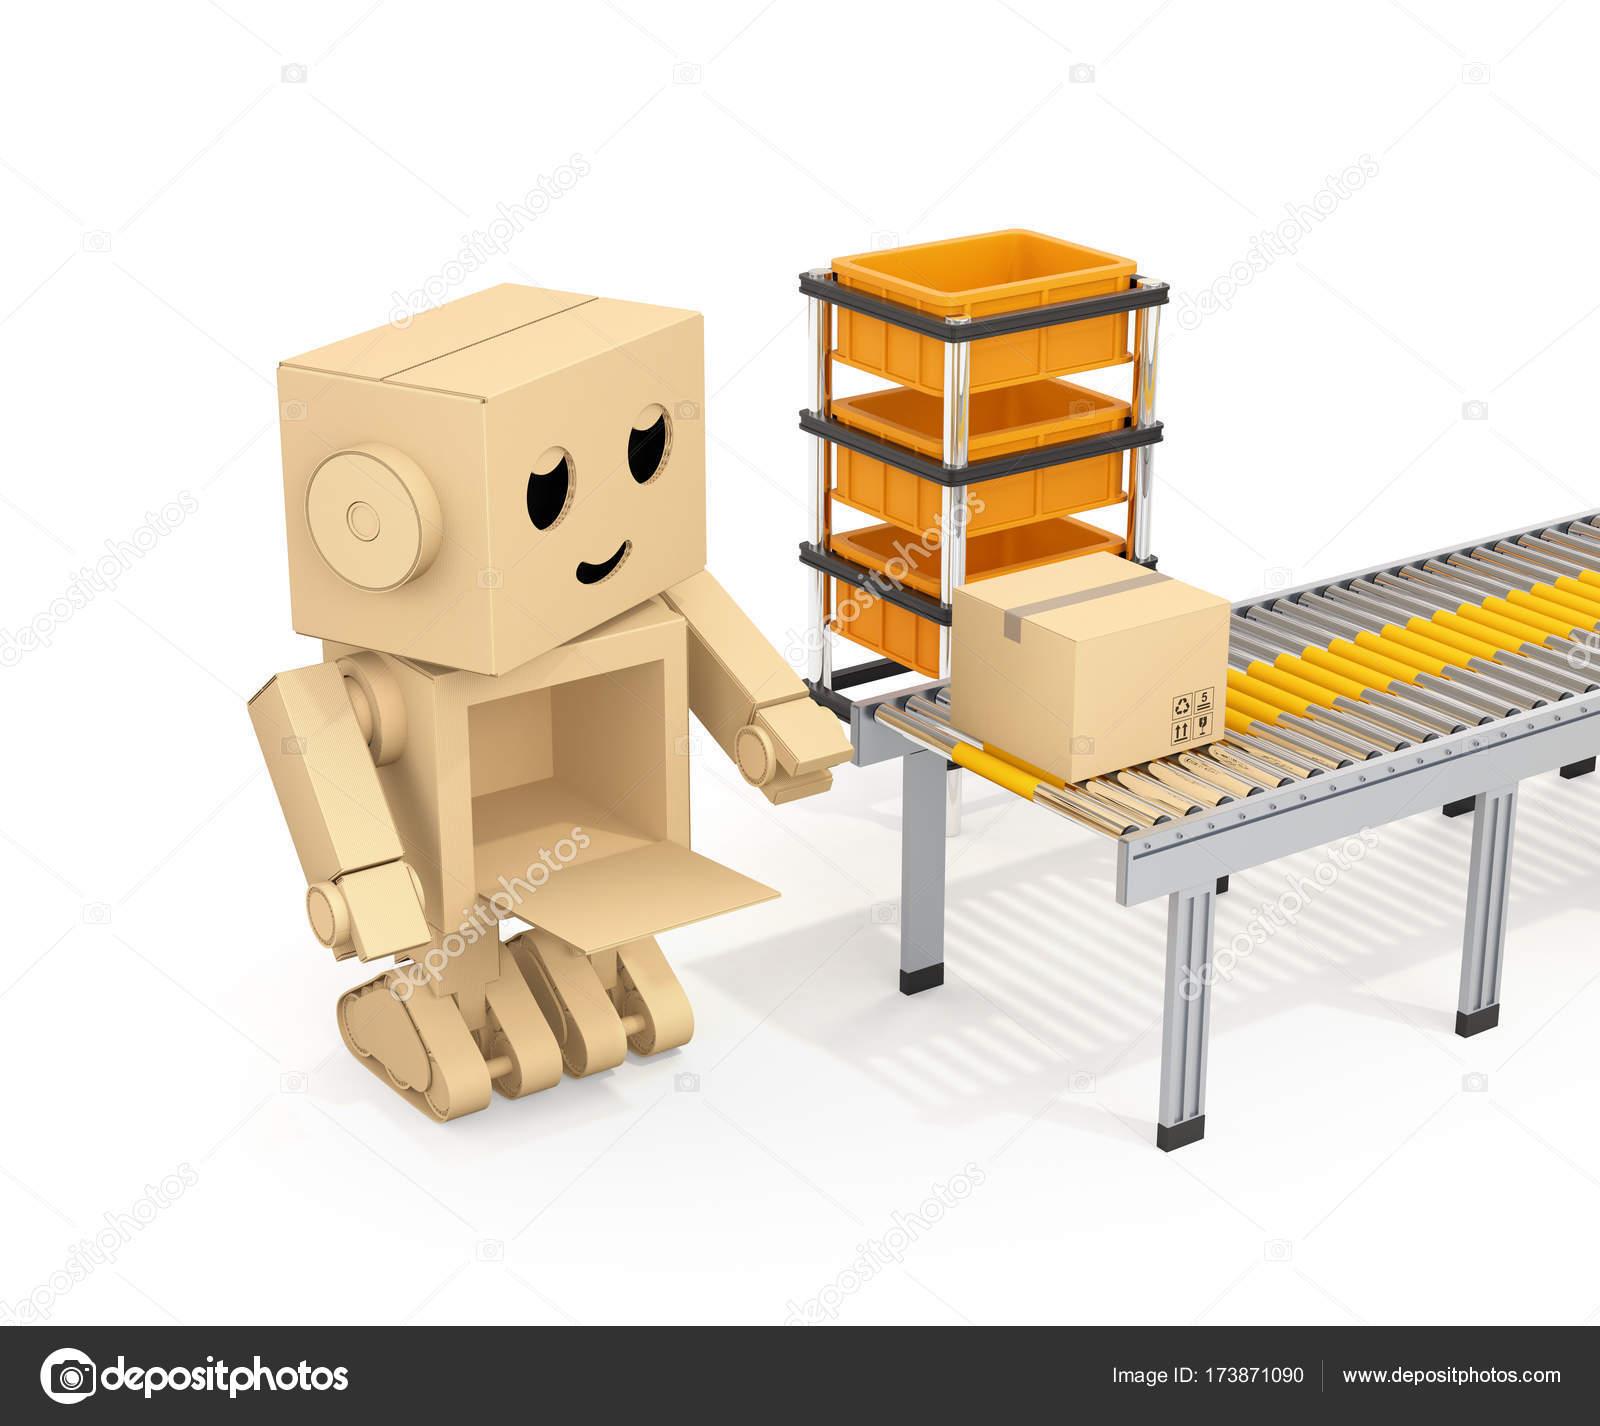 Lindo Robot de cartón, recogiendo cartón paquete — Fotos de Stock ...